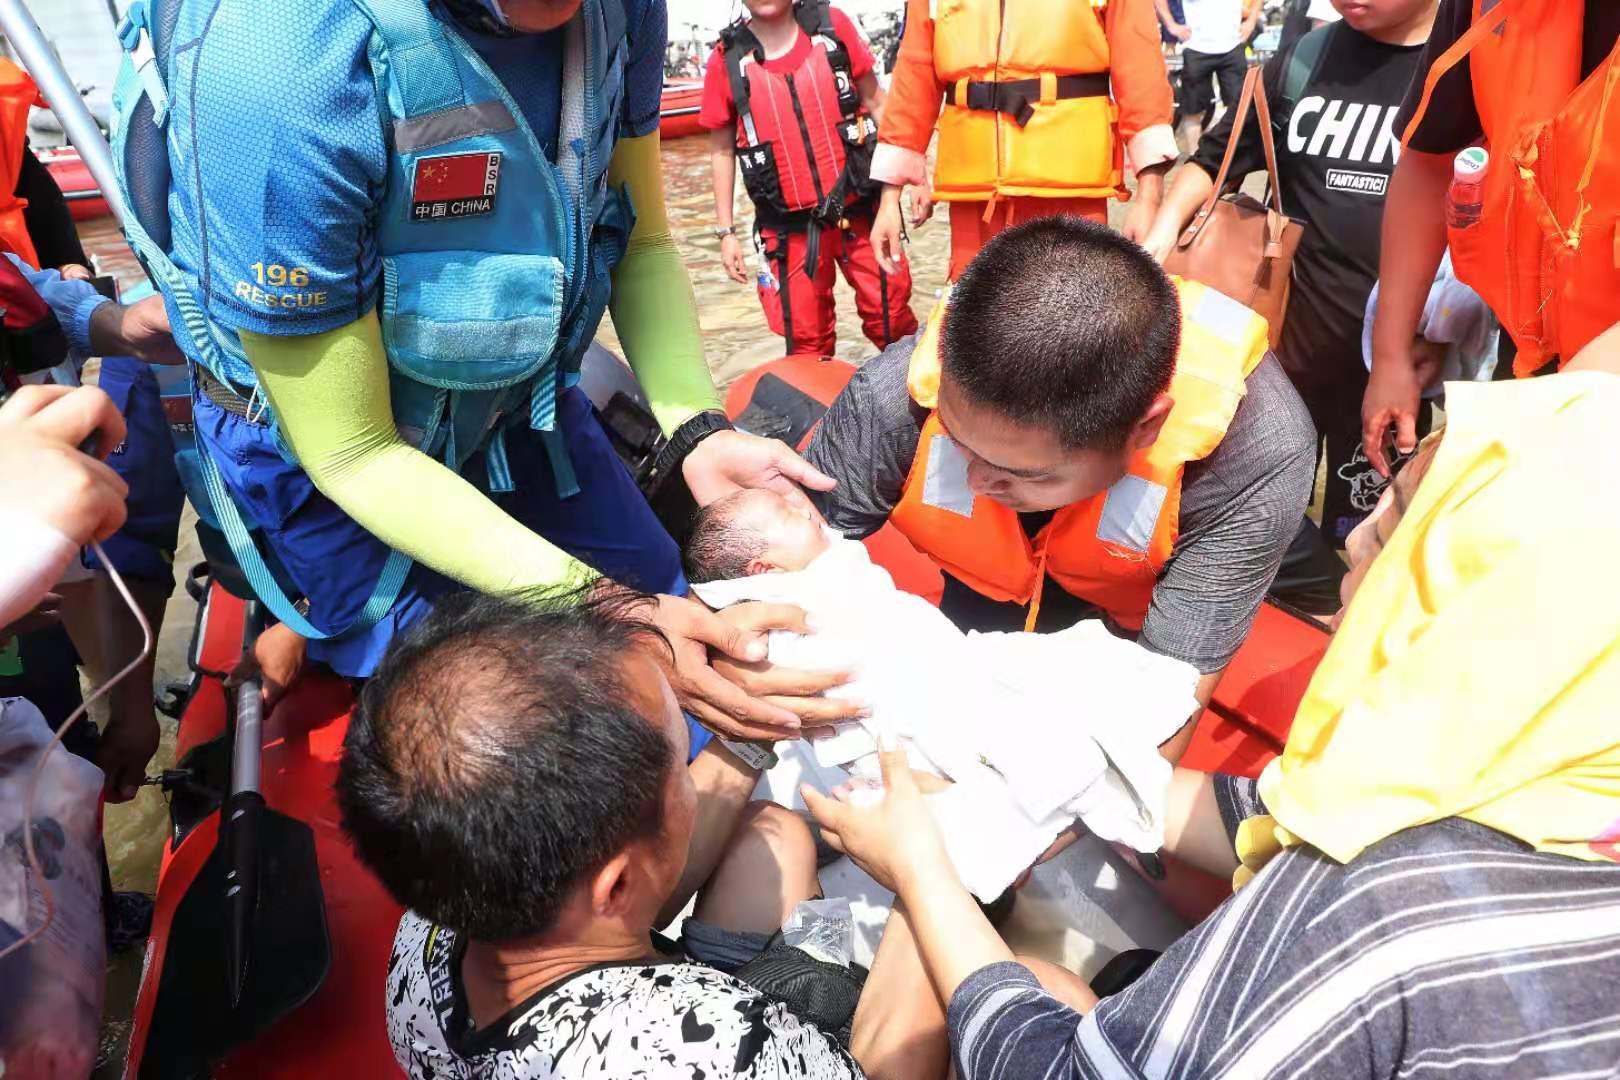 26日下午1点左右,潘勇一家被转运,救援人员正小心翼翼托举着刚出生7天的婴儿。